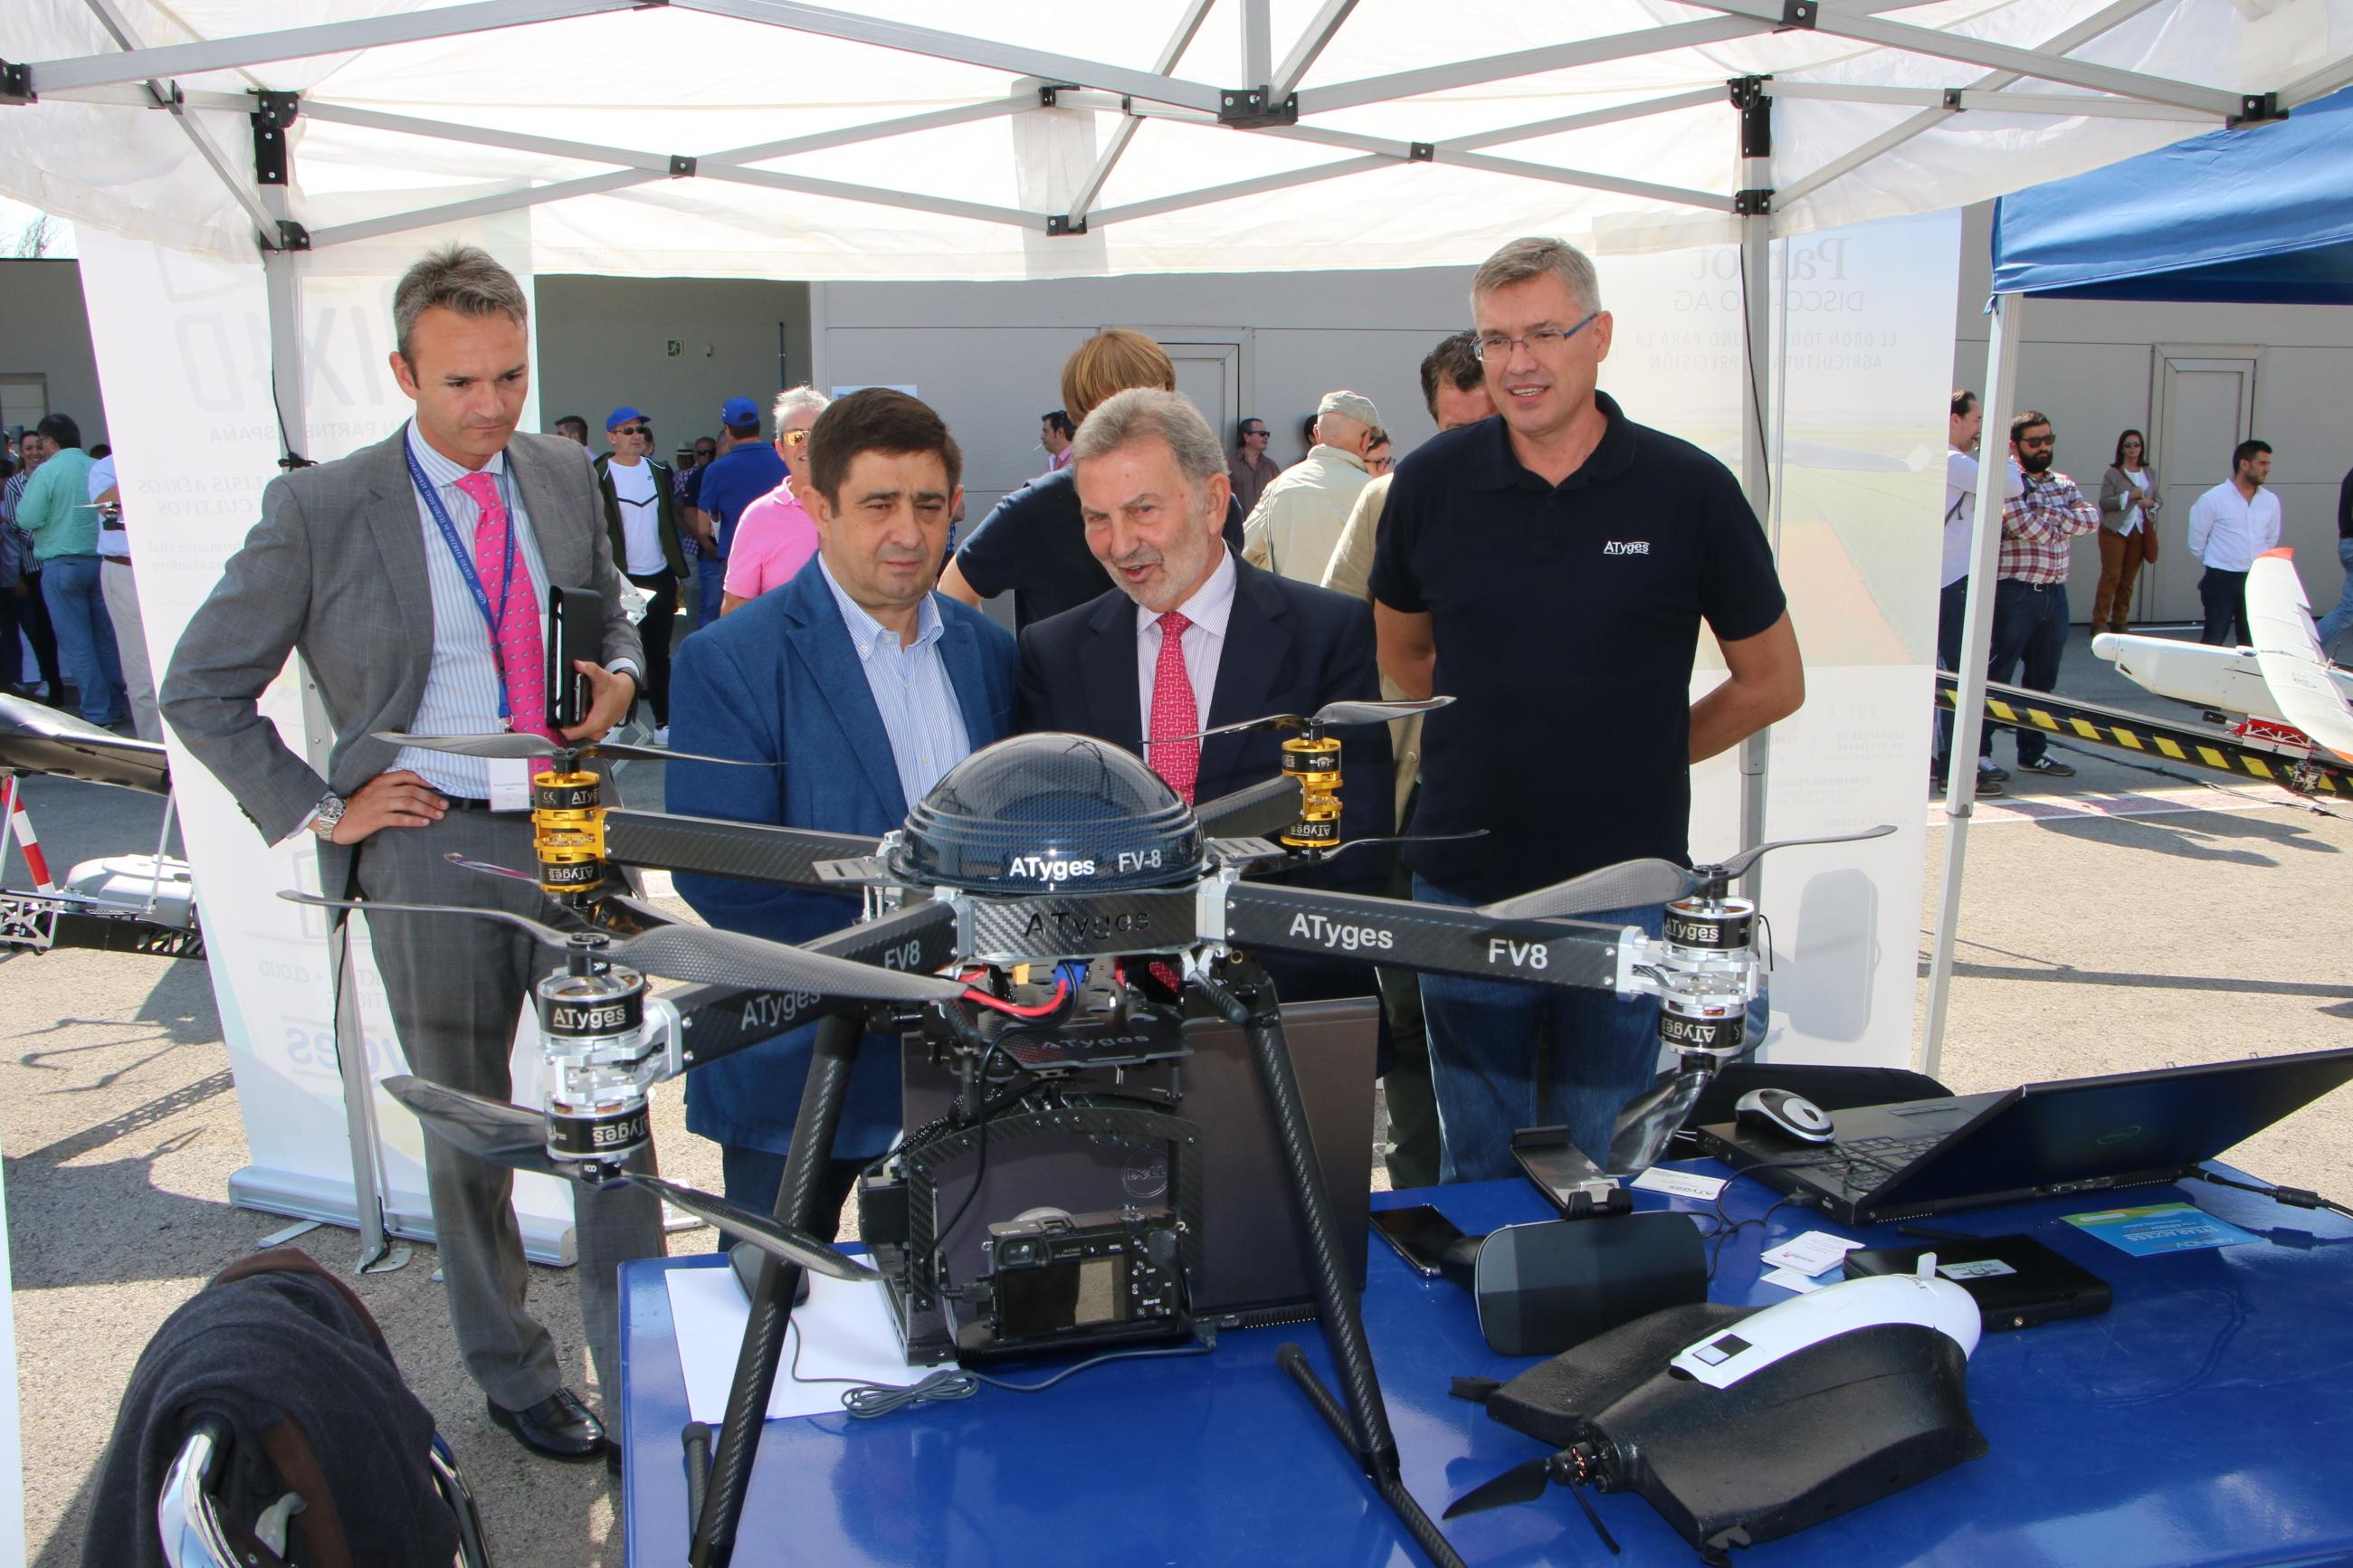 Una jornada de vuelos en el Centro ATLAS de Jaén clausura el Congreso UNVEX ECO-AGRO sobre la aplicación de drones al sector de la agricultura y el medio ambiente